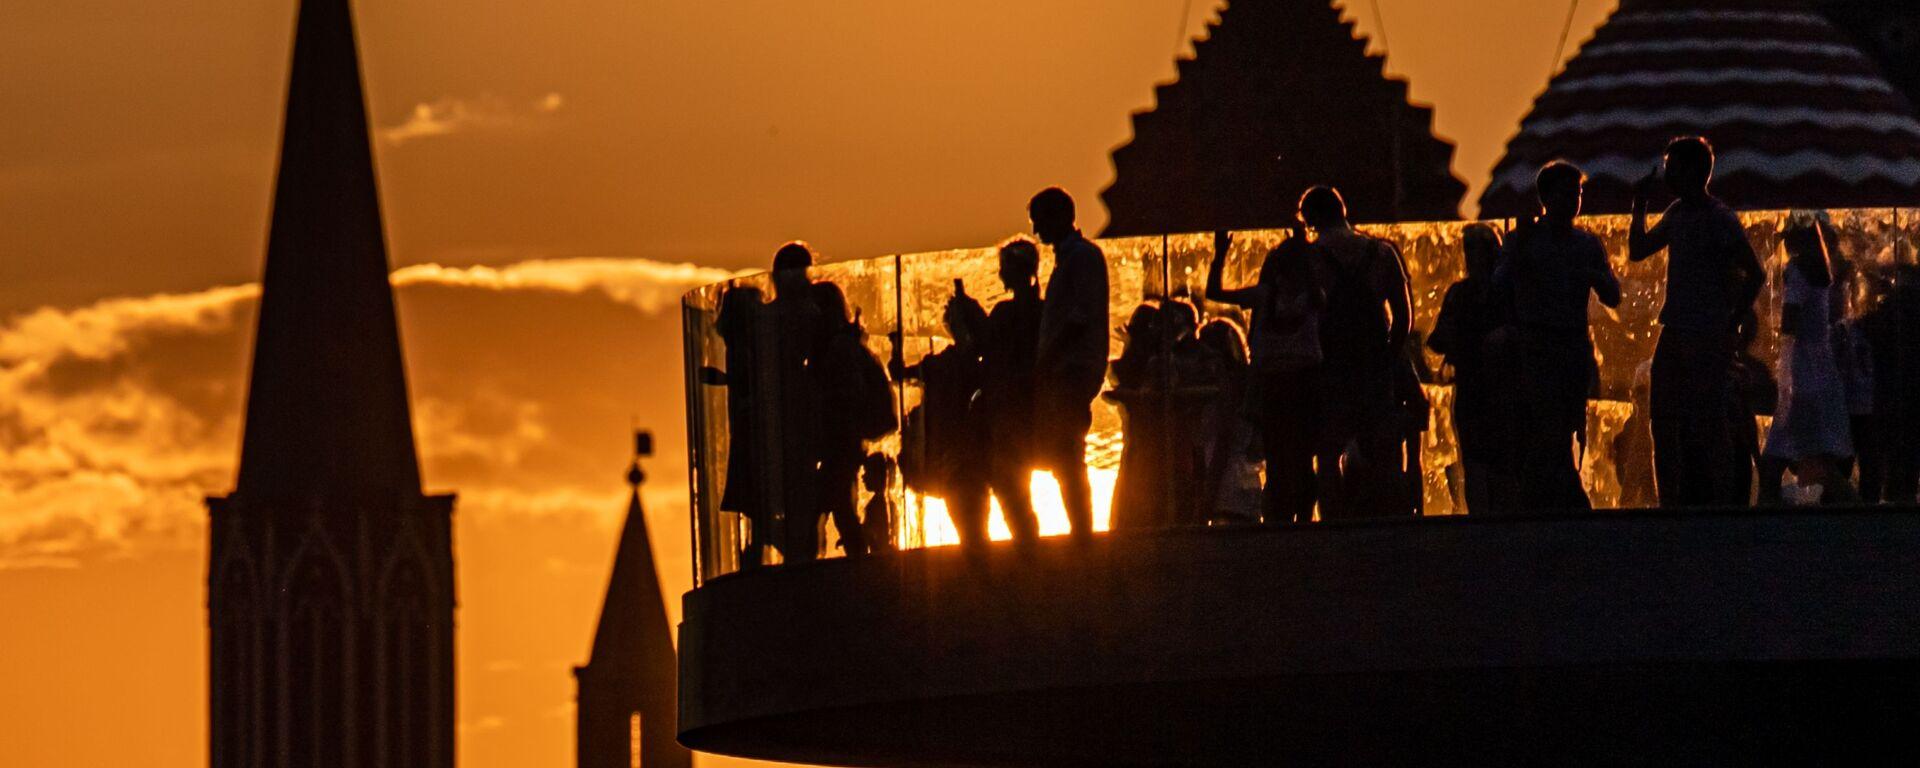 Башни Московского Кремля и купола Покровского собора на закате - Sputnik Узбекистан, 1920, 27.05.2021